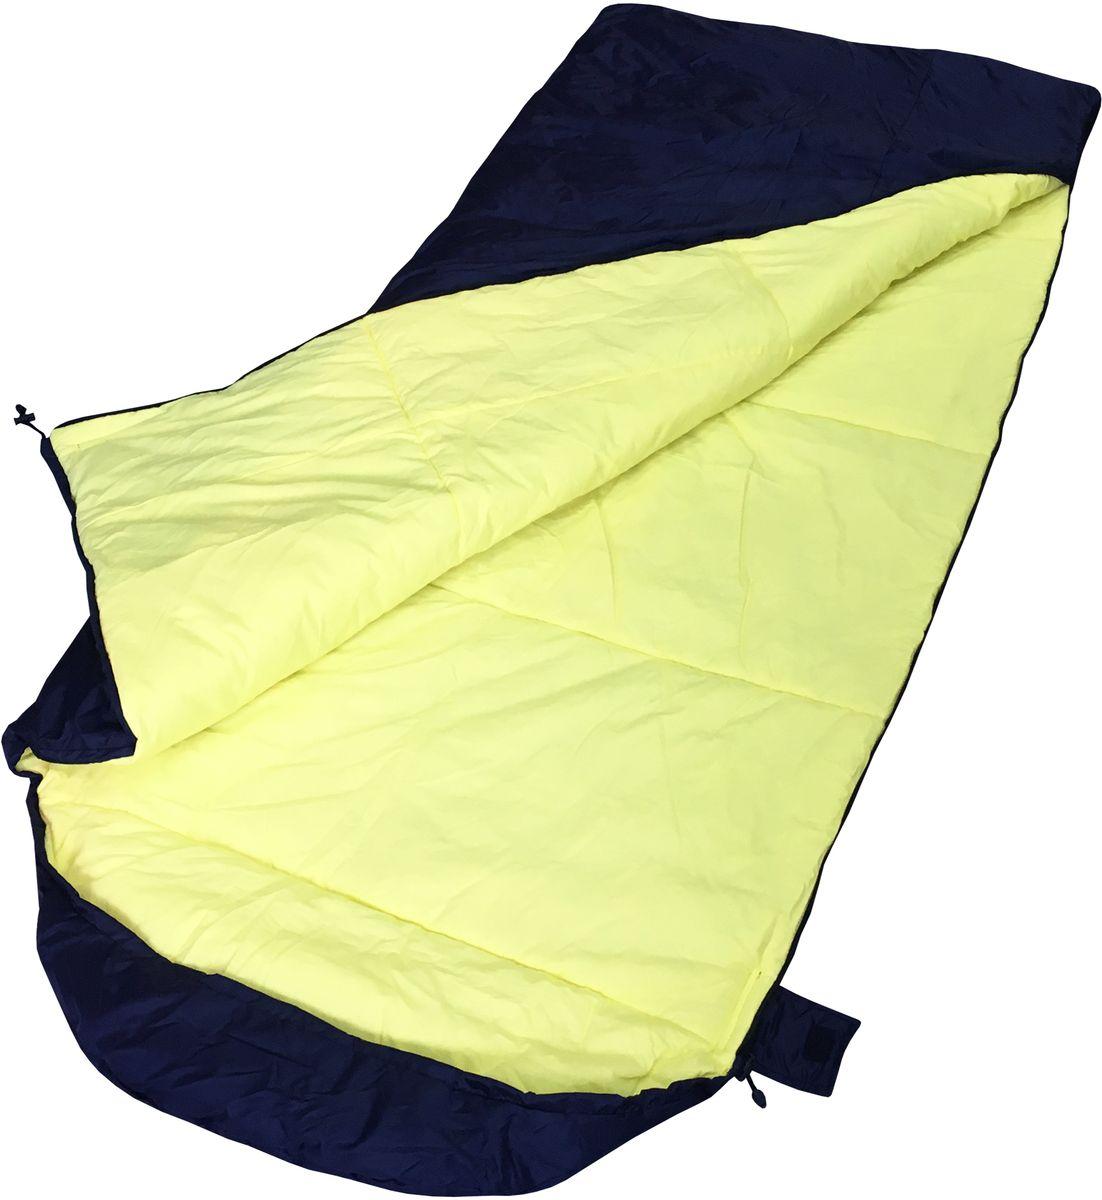 Спальный мешок Campland Lammin 250, правосторонняя молния, 90 х 220 смLammin250Спальный мешок-одеяло Campland Lammin 250 - двухслойный мешок с подголовником, для холодной погоды. Наполнитель холлофайбер 300 г/м. Регулировка объема подголовника с помощью шнурка. Отсутствие наружной стежки. Усиленная молния с двойным замком (возможность укрываться изнутри, а также липа для фиксации). Упакован в компрессионный мешок..Размер в сжатом виде: 25 х 50 см.Ткань основа - Oxford. Ткань внутренняя - Бязь, 100%хлопок. . Размер: 90 х 220 см.